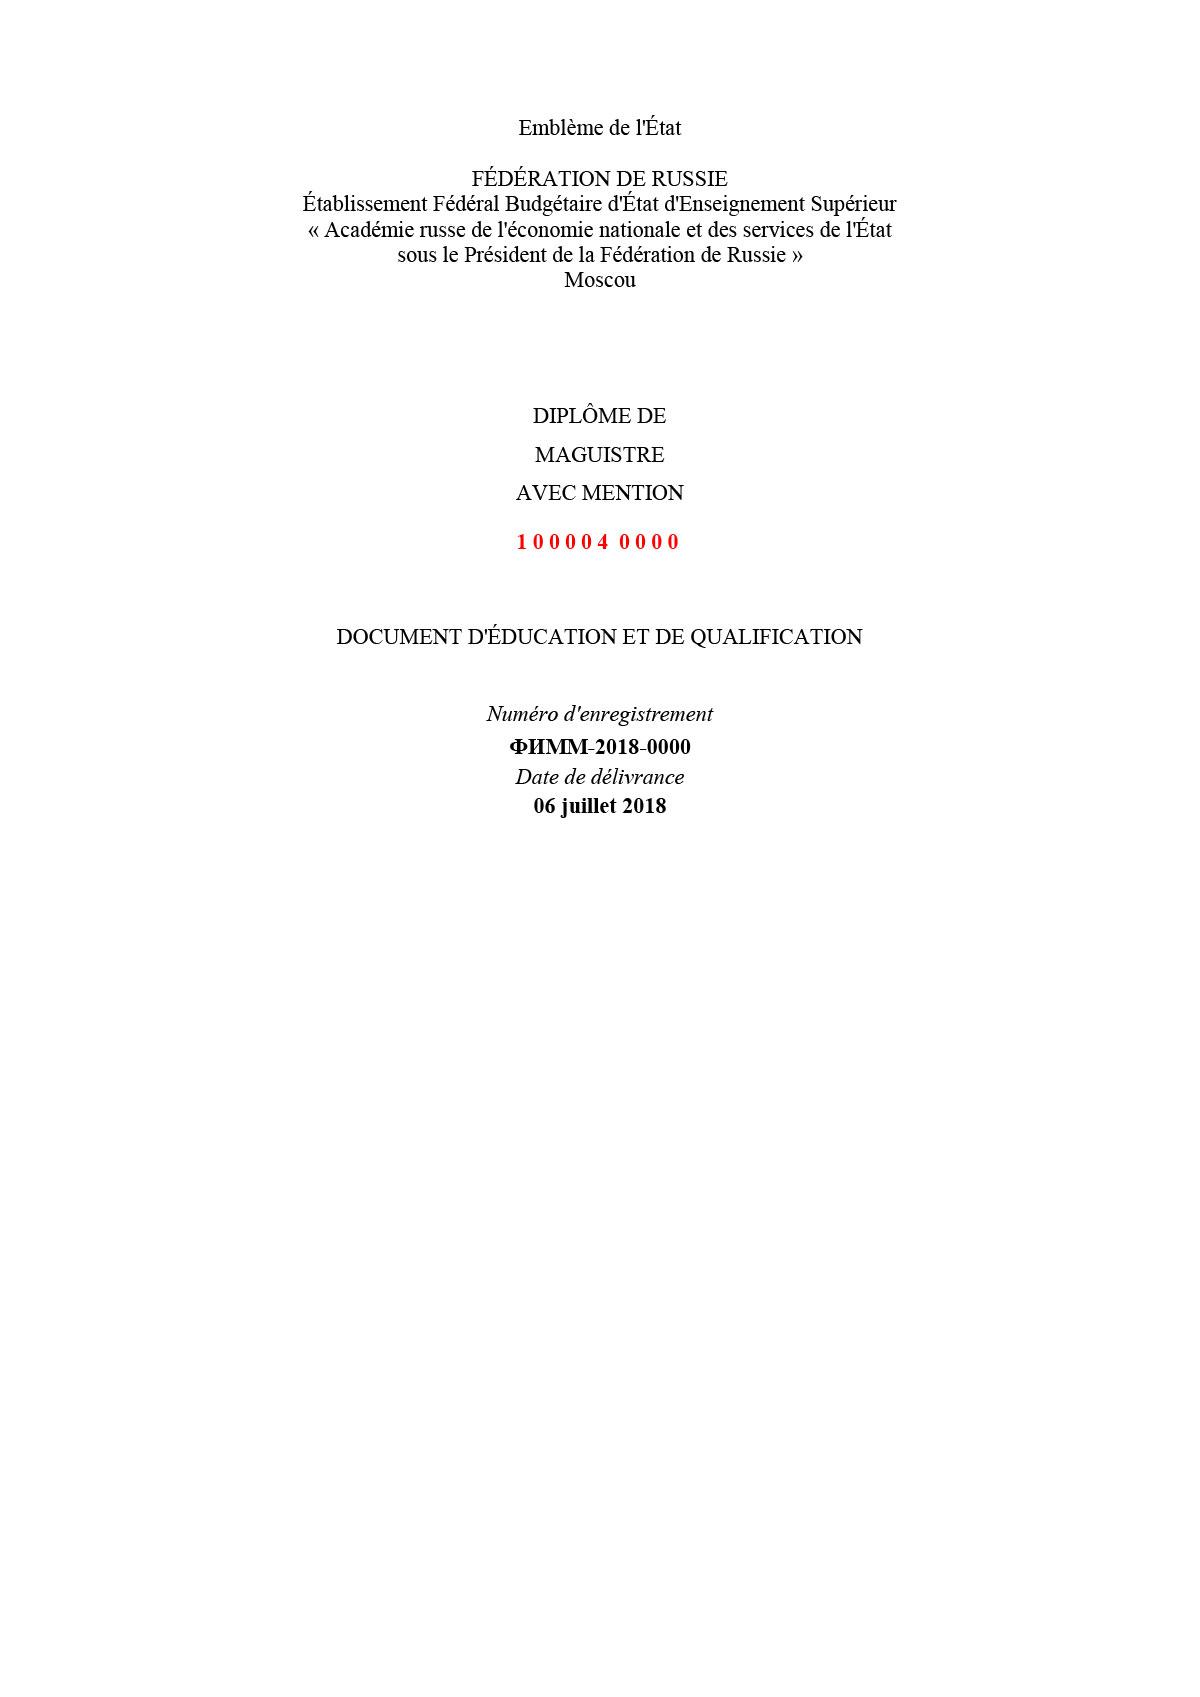 Перевод диплома на французский язык